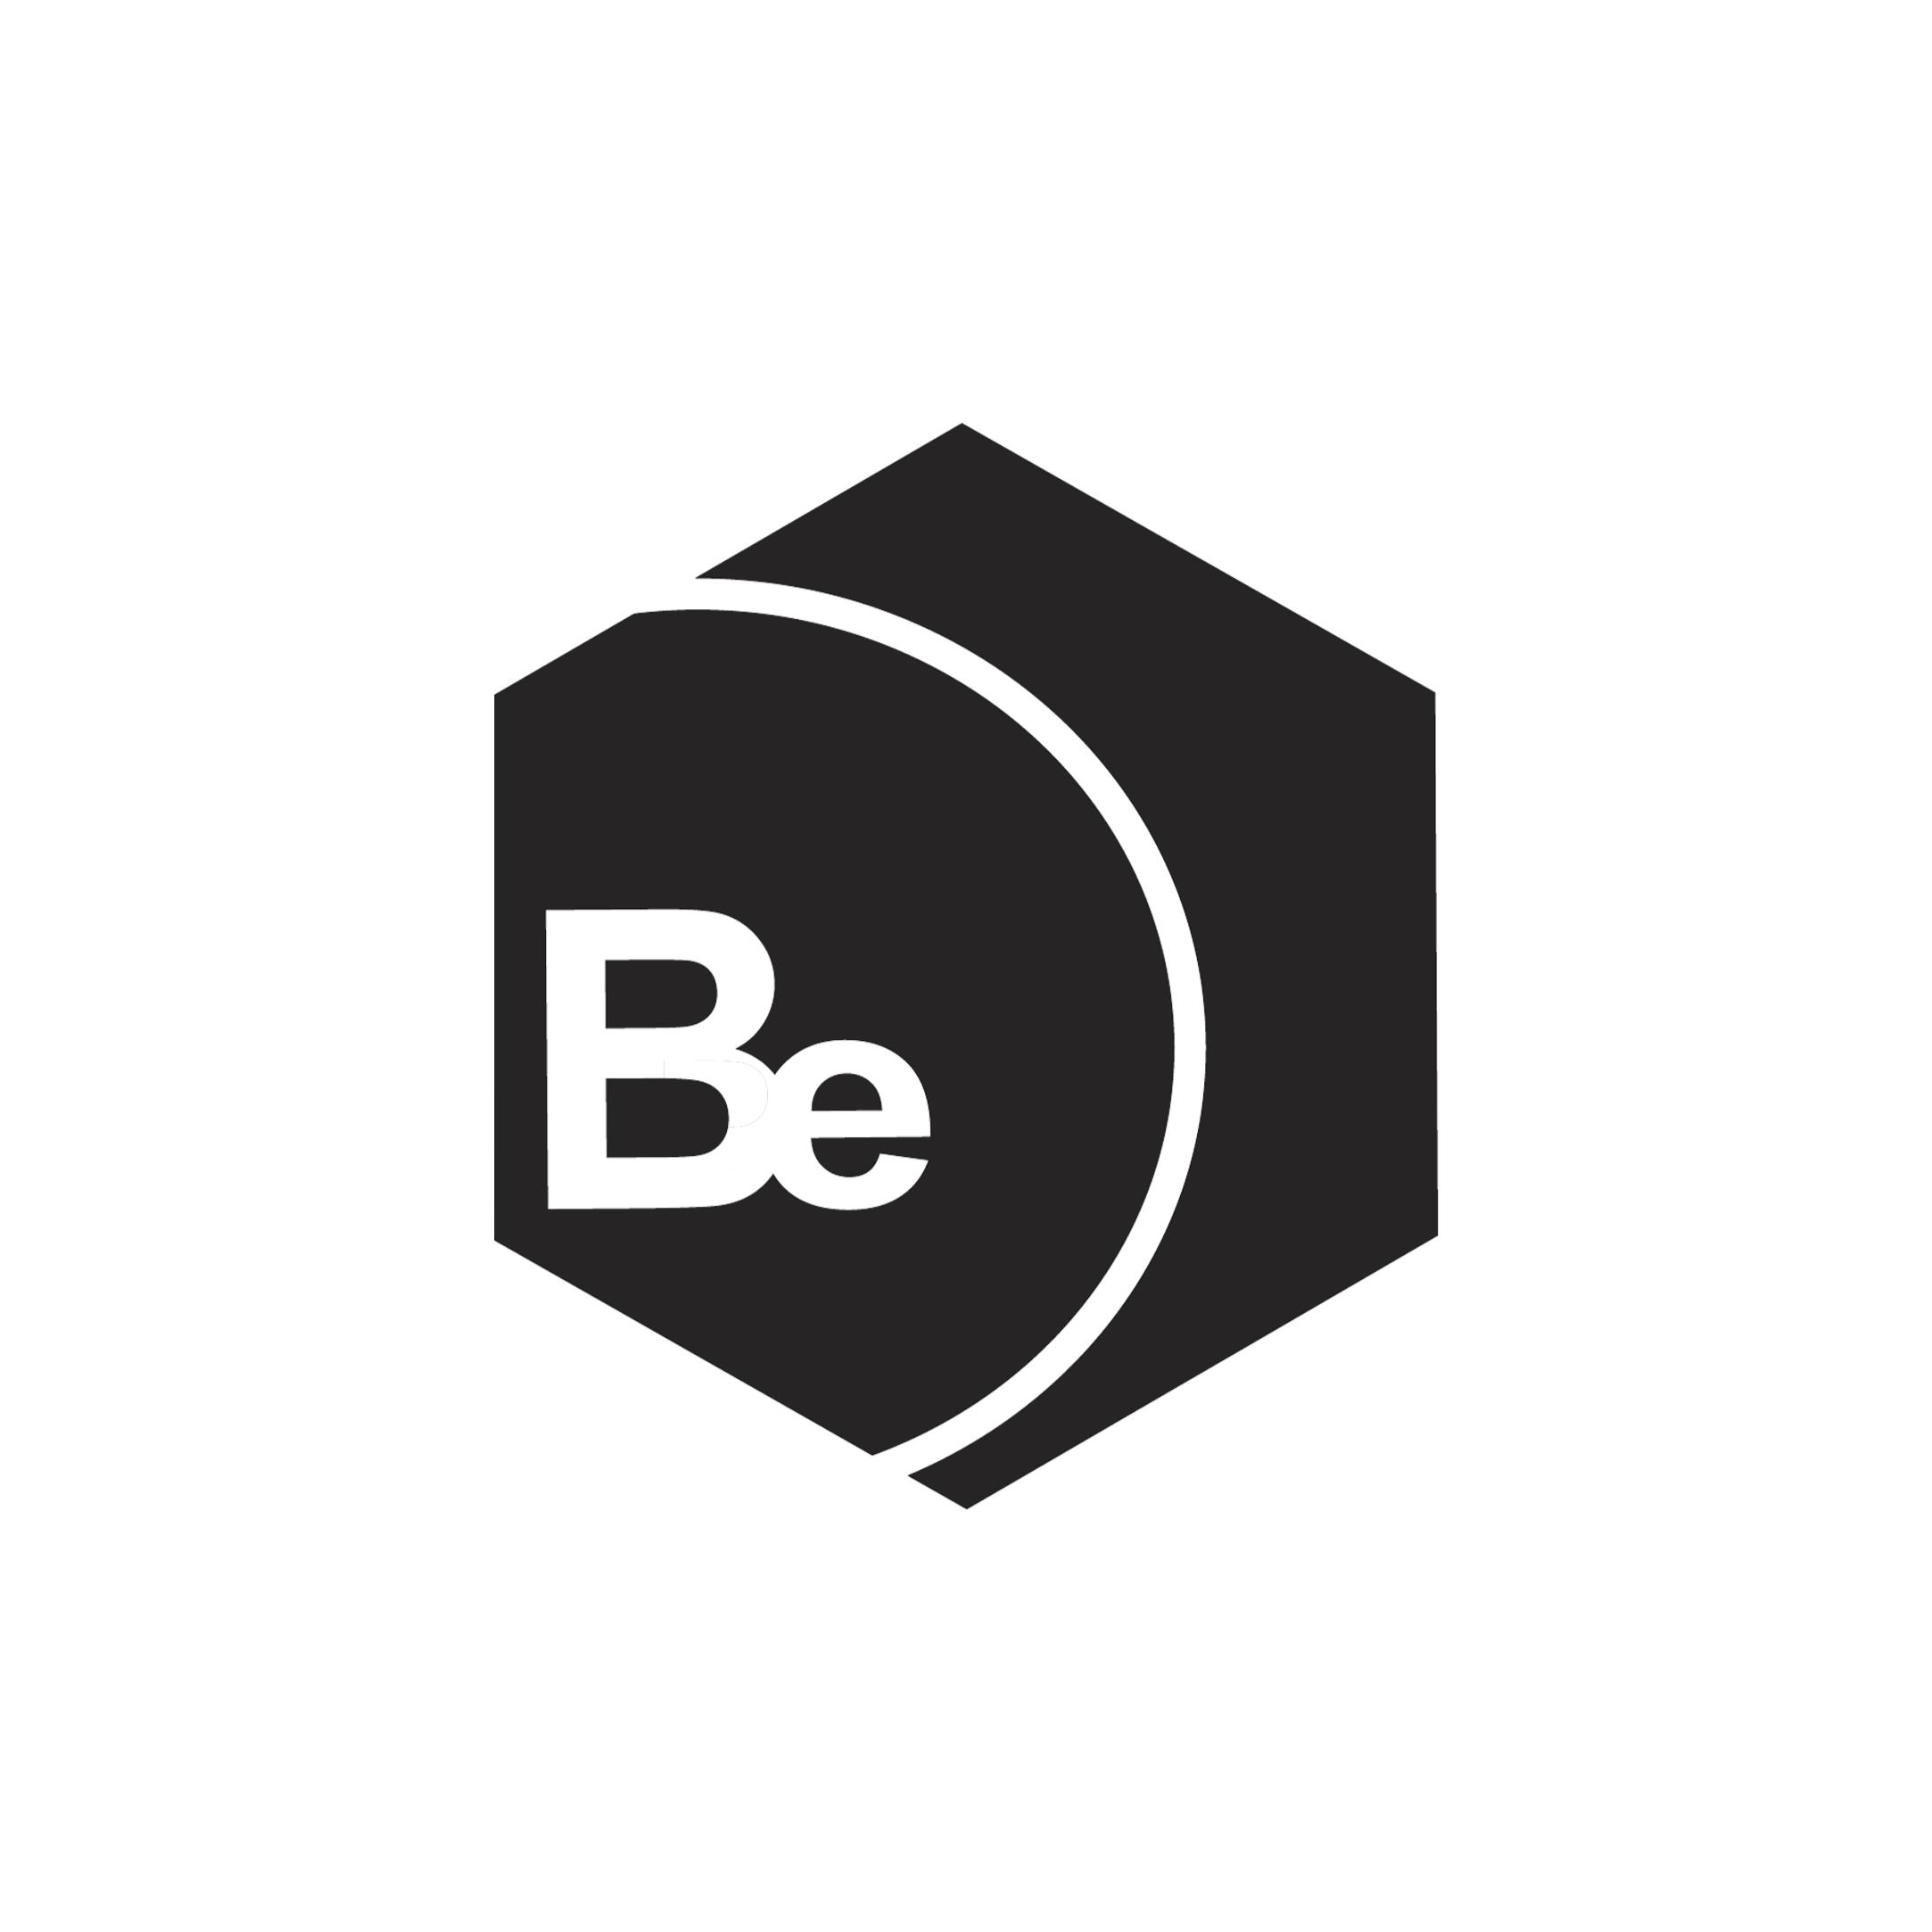 BESS Built